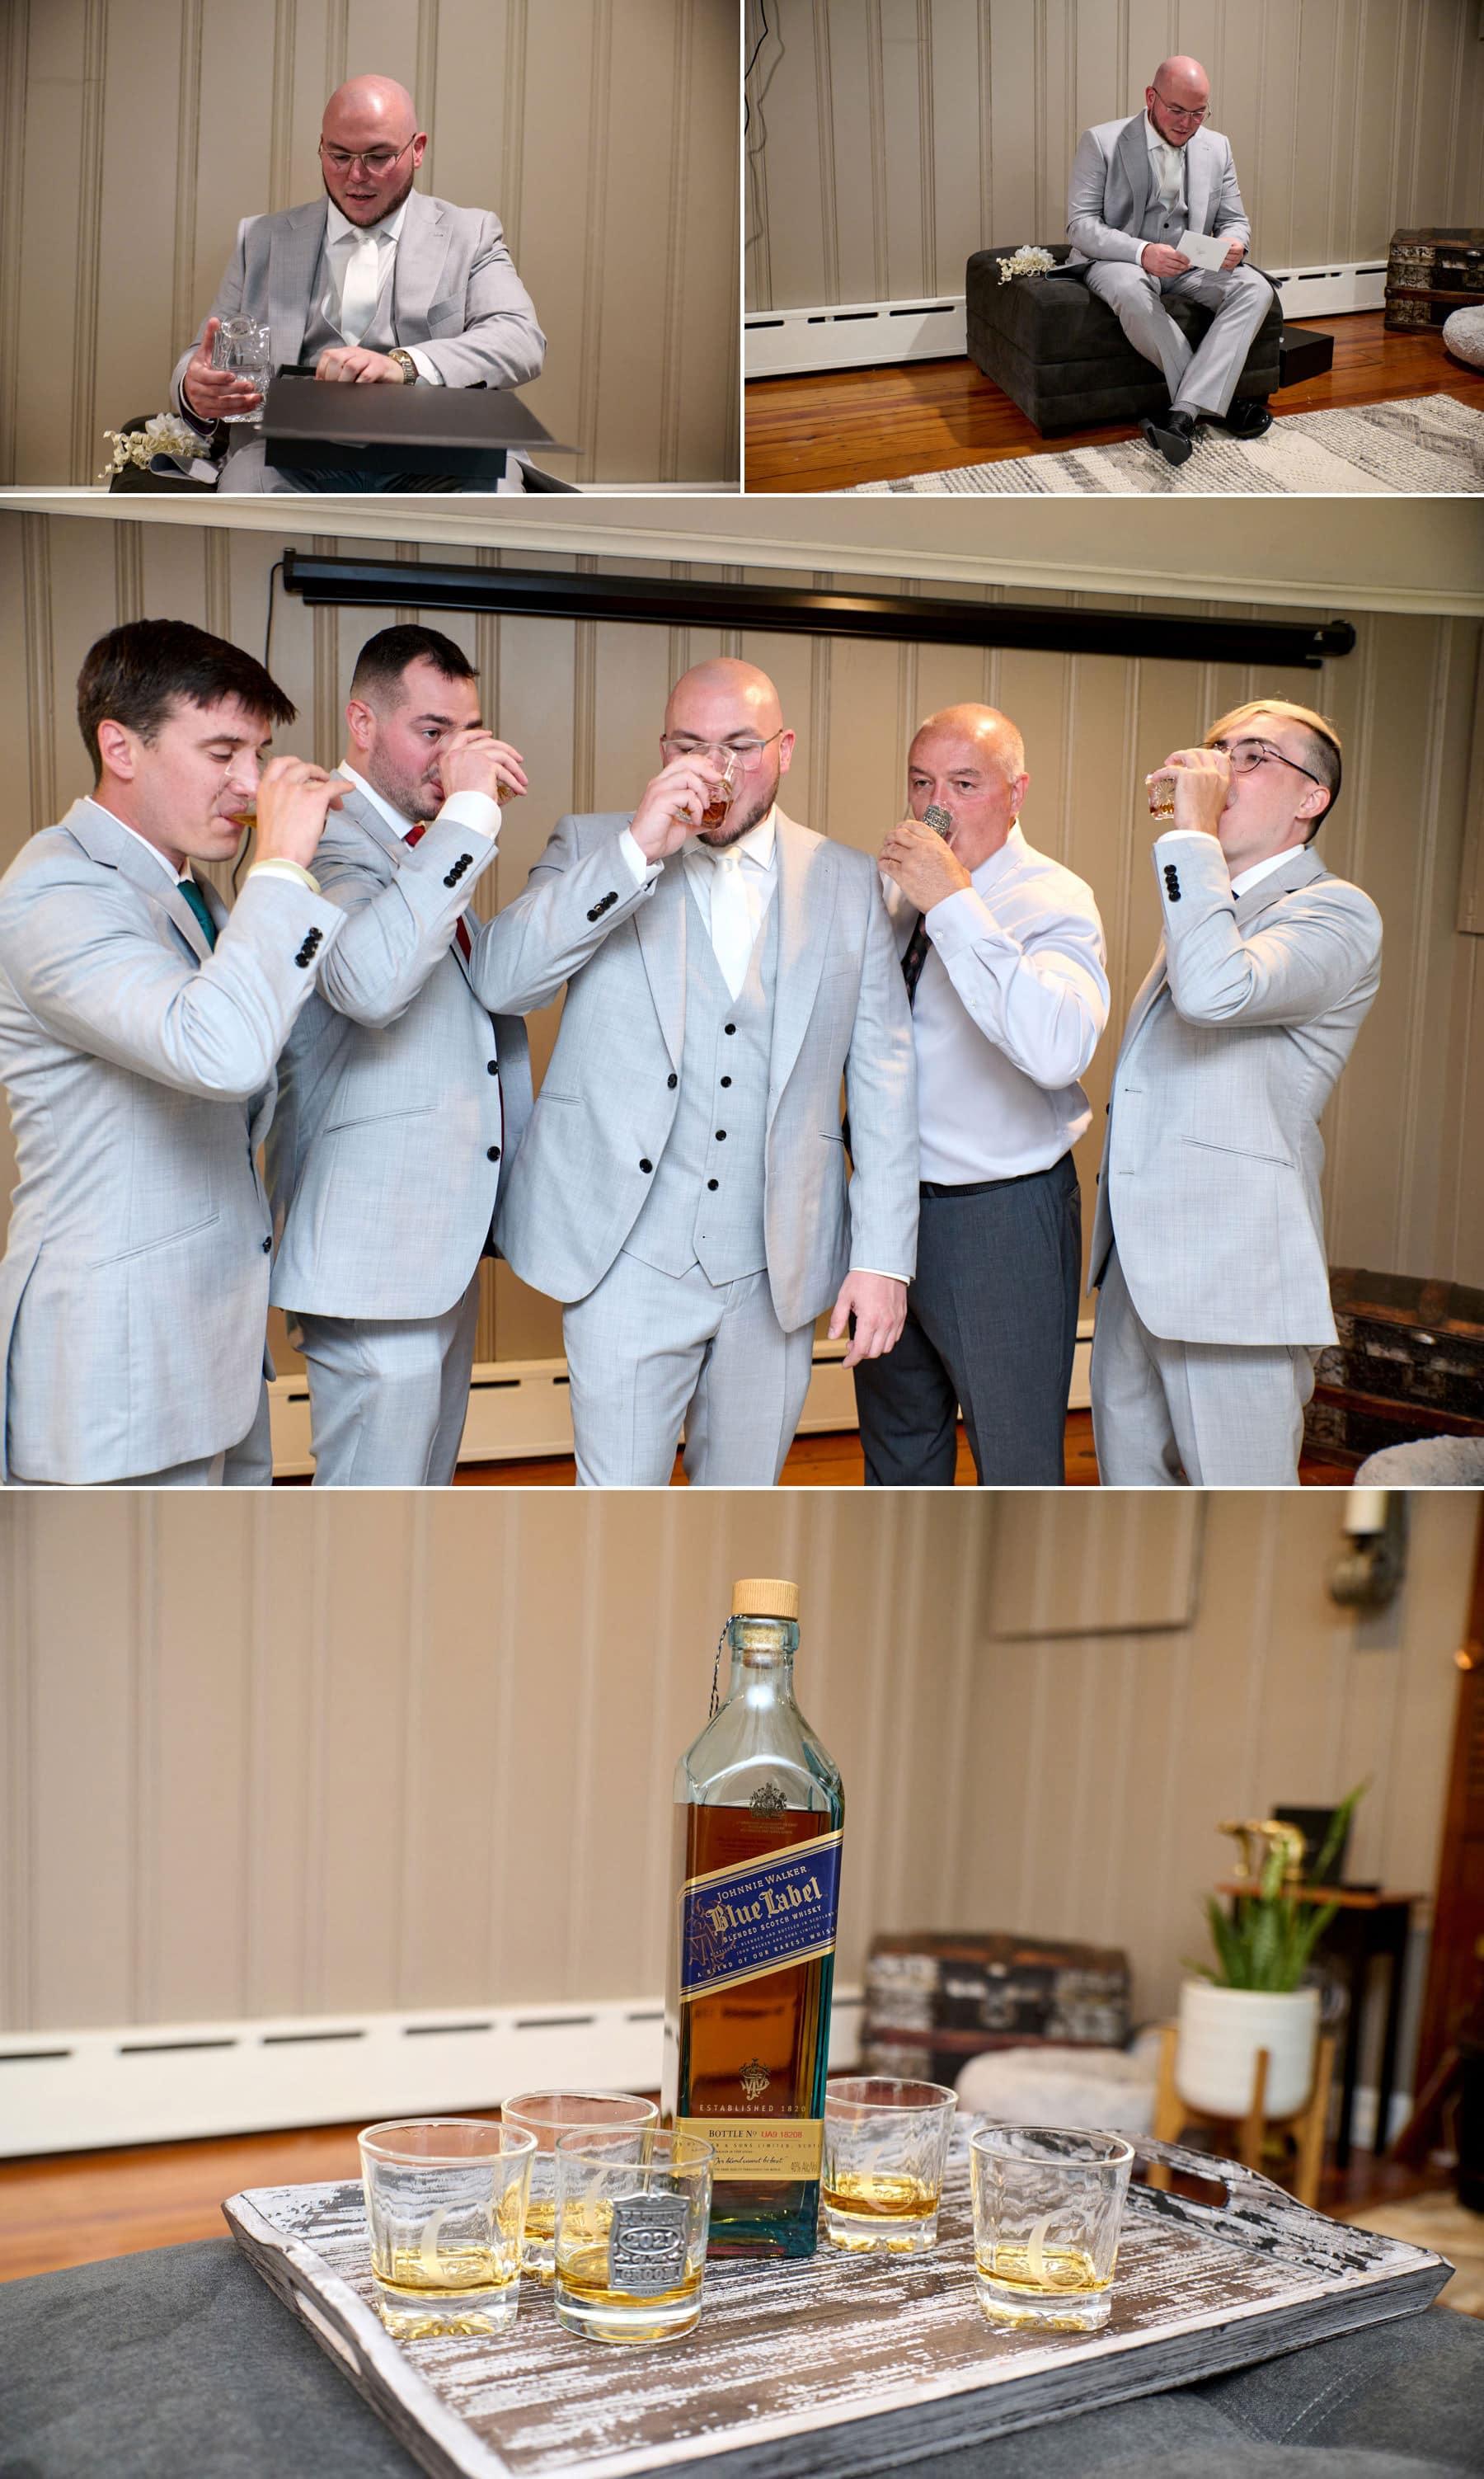 groomsmen getting ready for the Brick Farm Tavern wedding